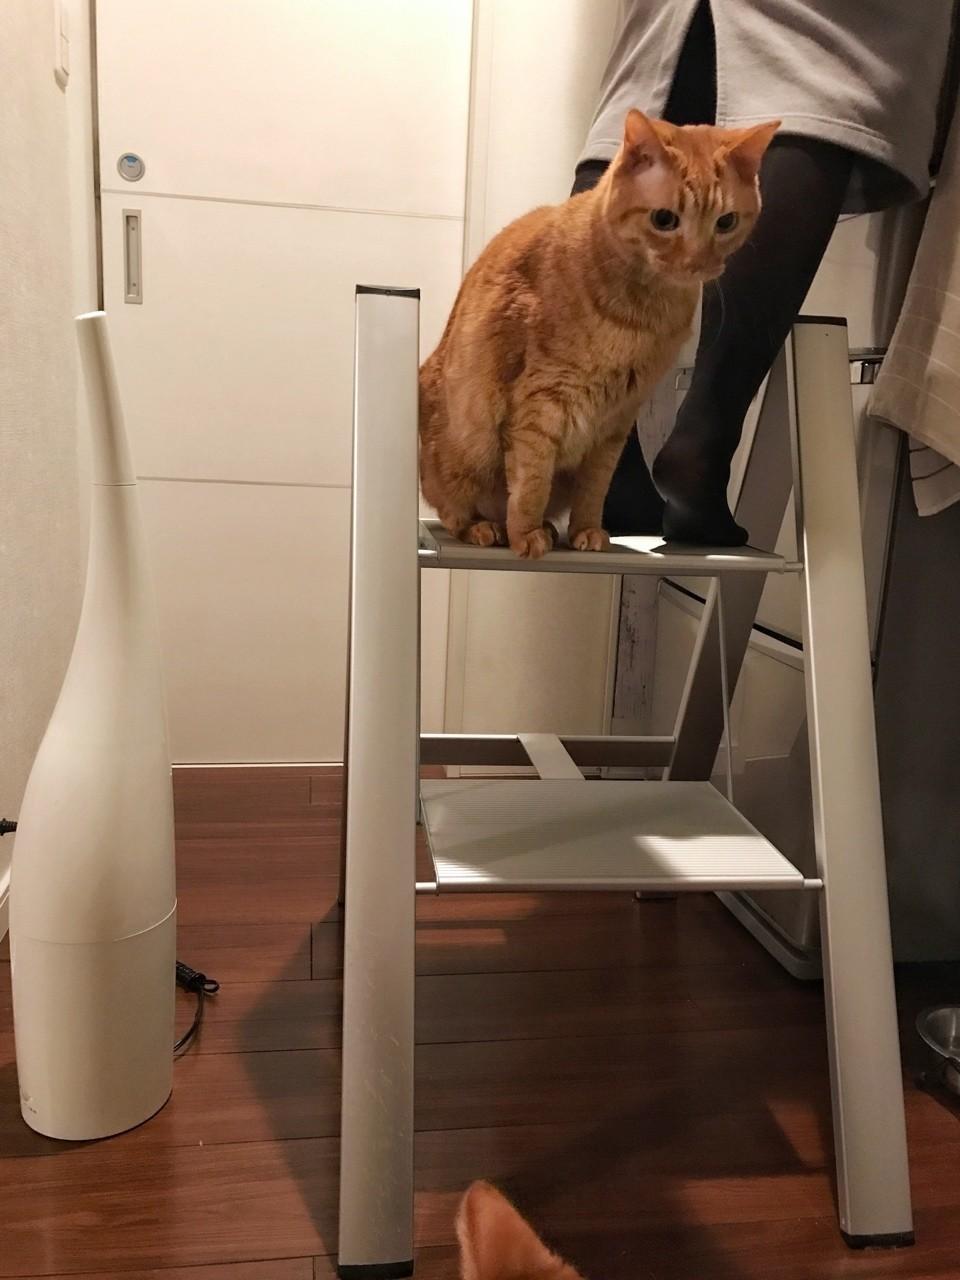 チビとママです、いっしょに脚立にのってます。冷蔵庫の上のものを取りたいママ、脚立の一番上はゆずらないチビ。これ、いつものことなのでいっしょにのる親子。平気な感じでやってますが、以前に脚立から落ちてケガをしたママ。見ているこっちはヒヤヒヤ。